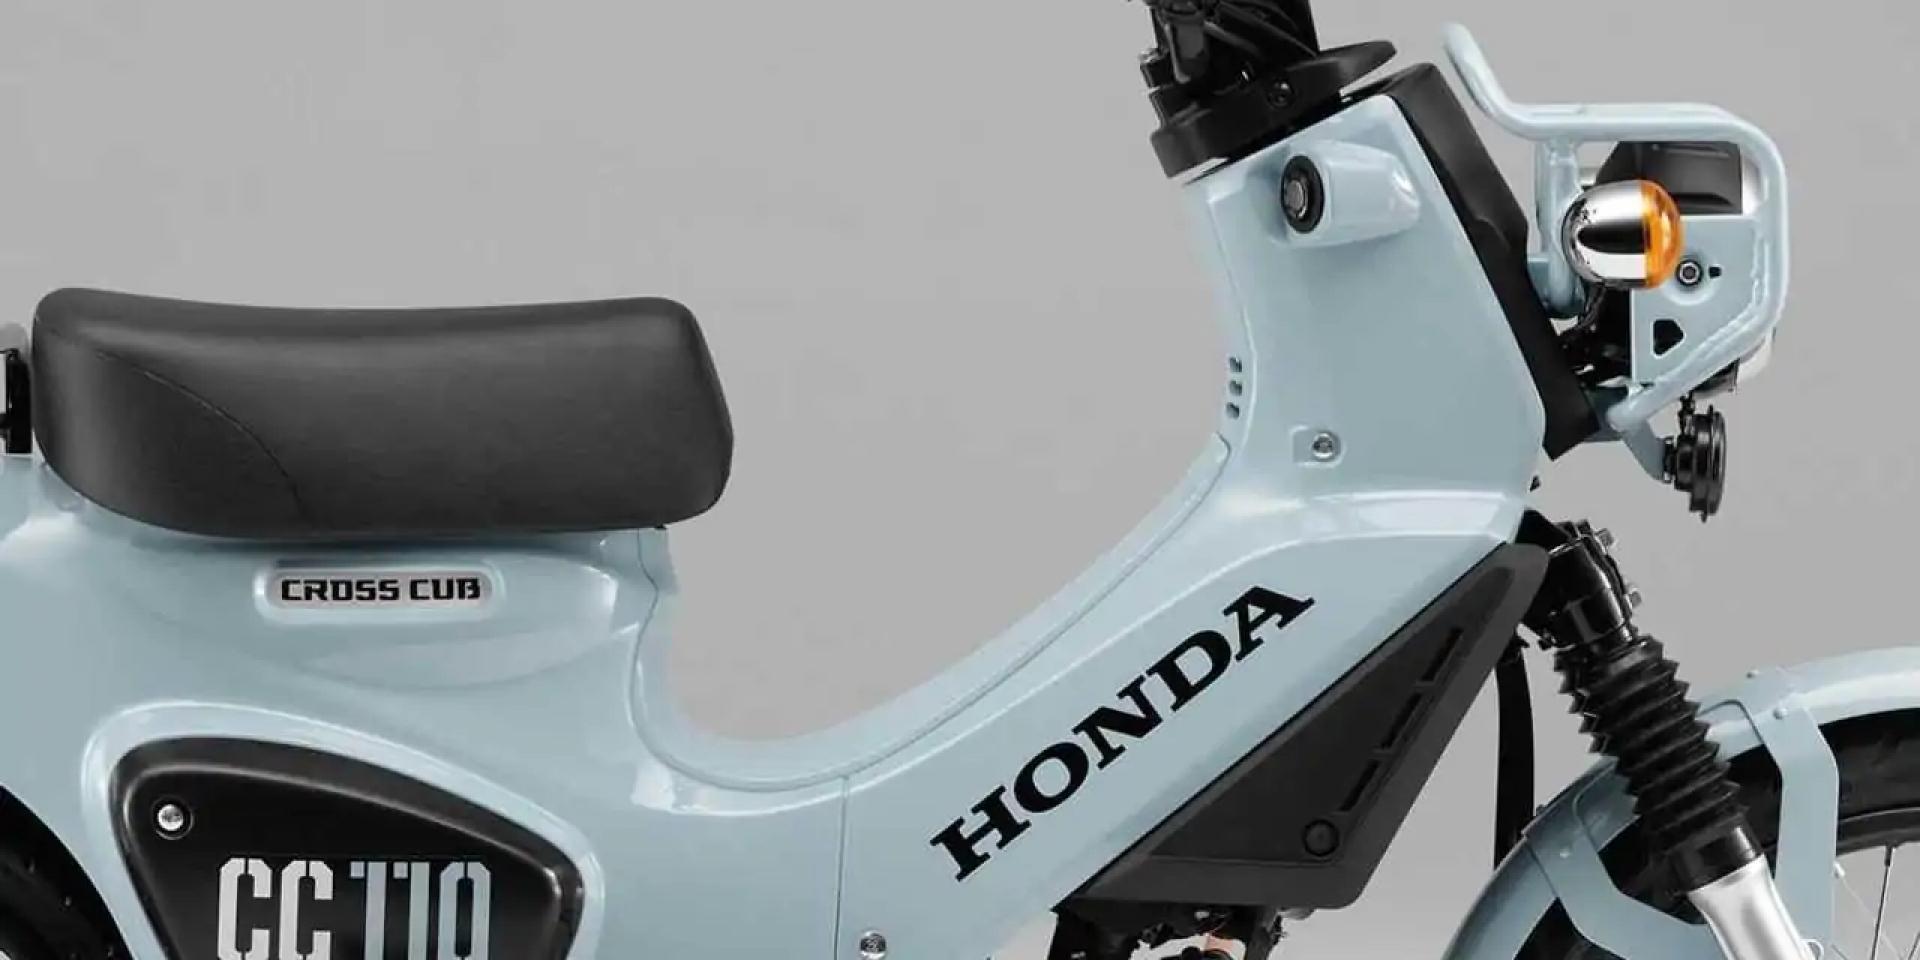 限量2000台!HONDA CROSS CUB 110 「PUKO BLUE 淡藍」新車色發表